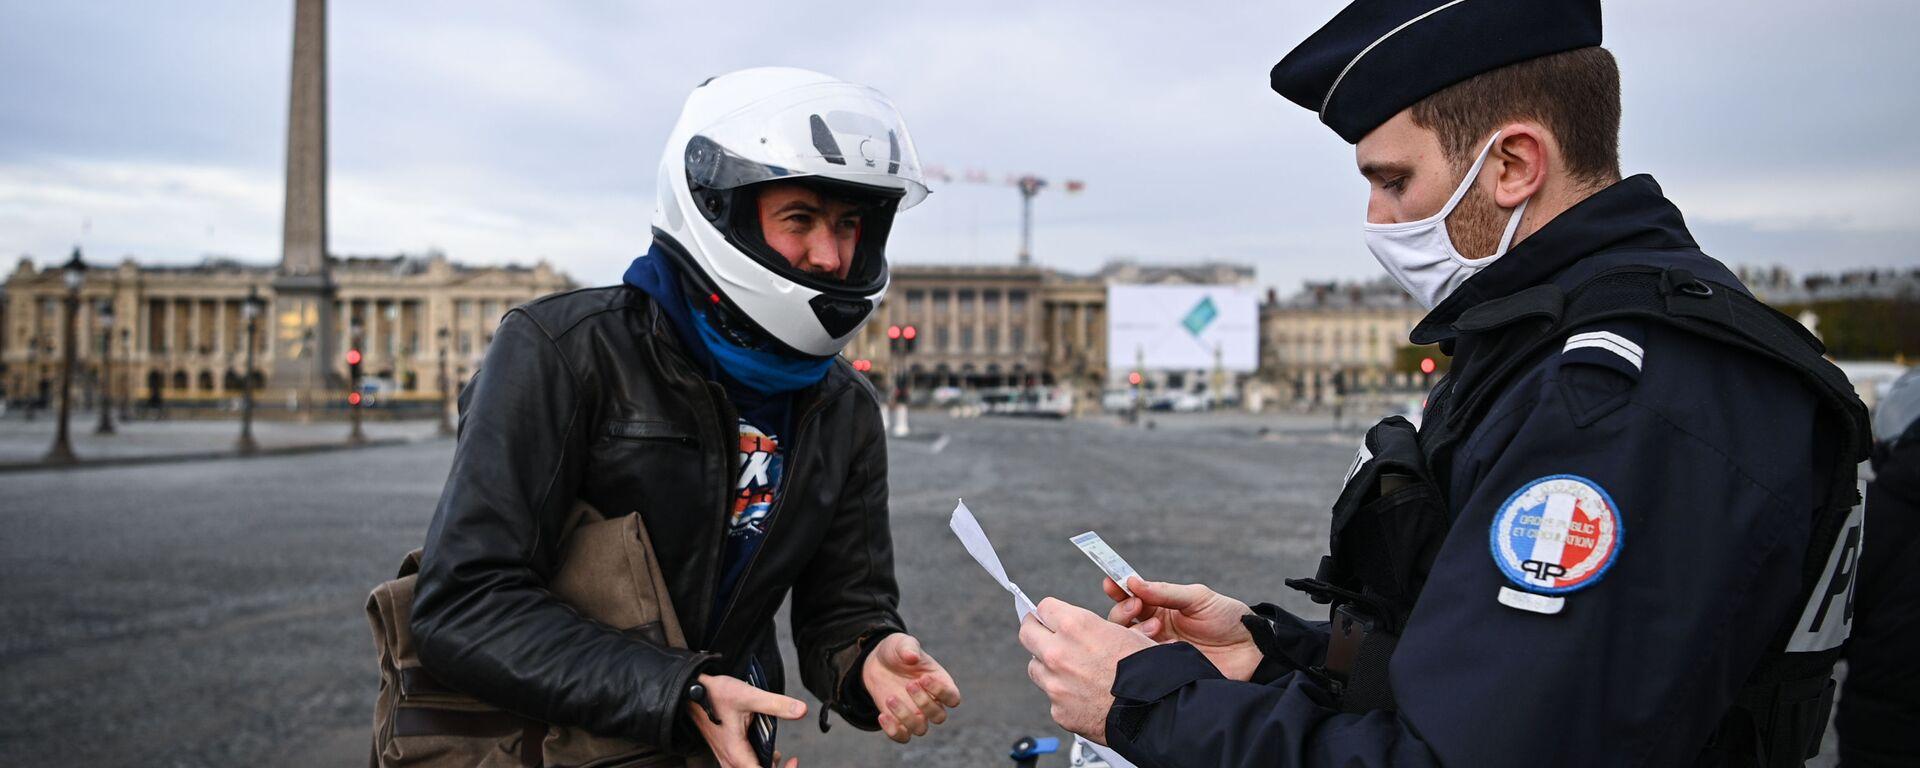 Французский полицейский проверяет документы мотоциклиста на площади Согласия в Париже, Франция - Sputnik Узбекистан, 1920, 01.04.2021